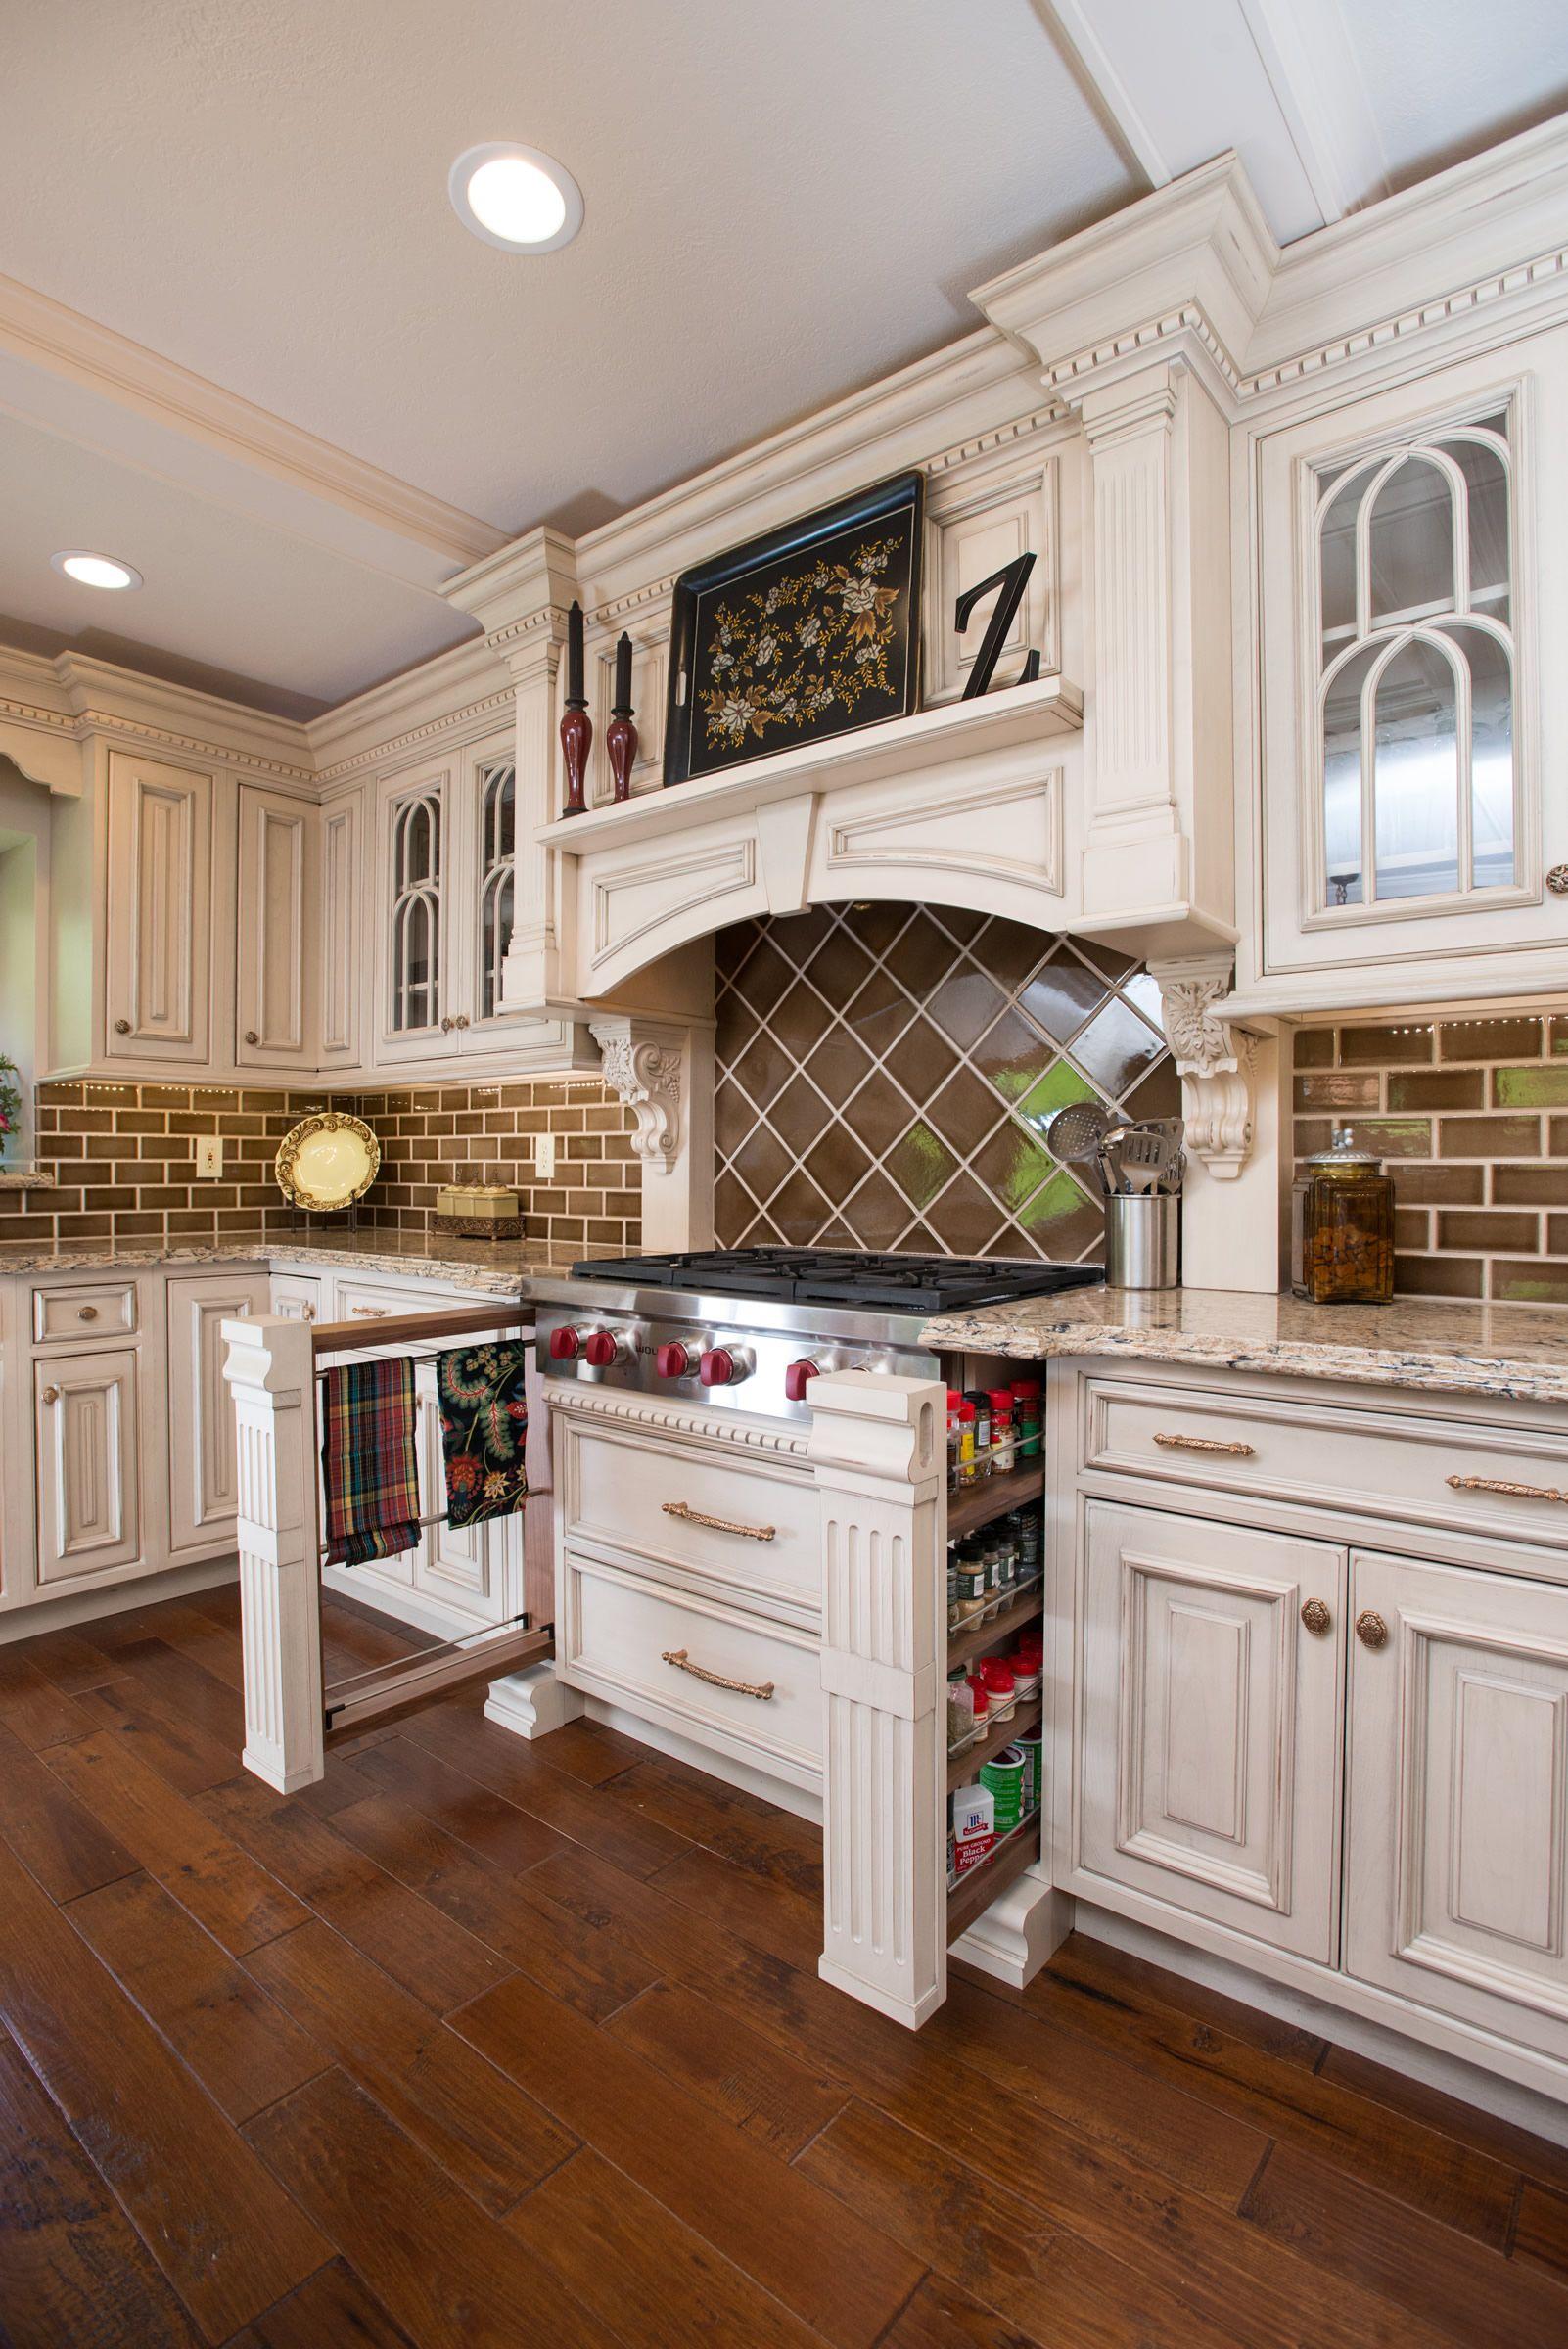 kitchen planning design installation remodeling kitchen furniture design kitchen remodel on kitchen remodel planner id=83356